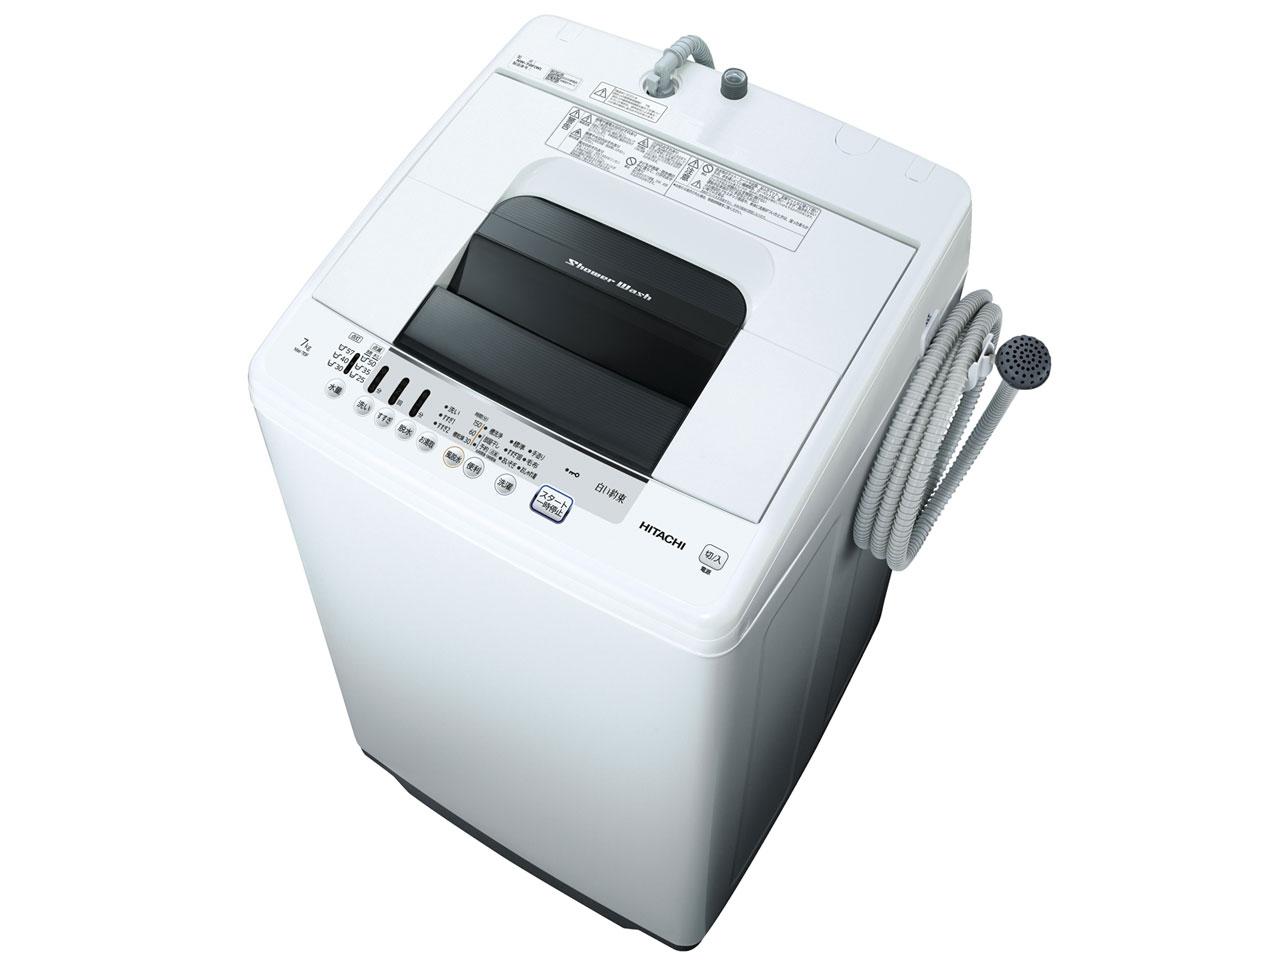 【標準設置対応付】日立 全自動洗濯機 白い約束 7kg ピュアホワイトNW-70F W